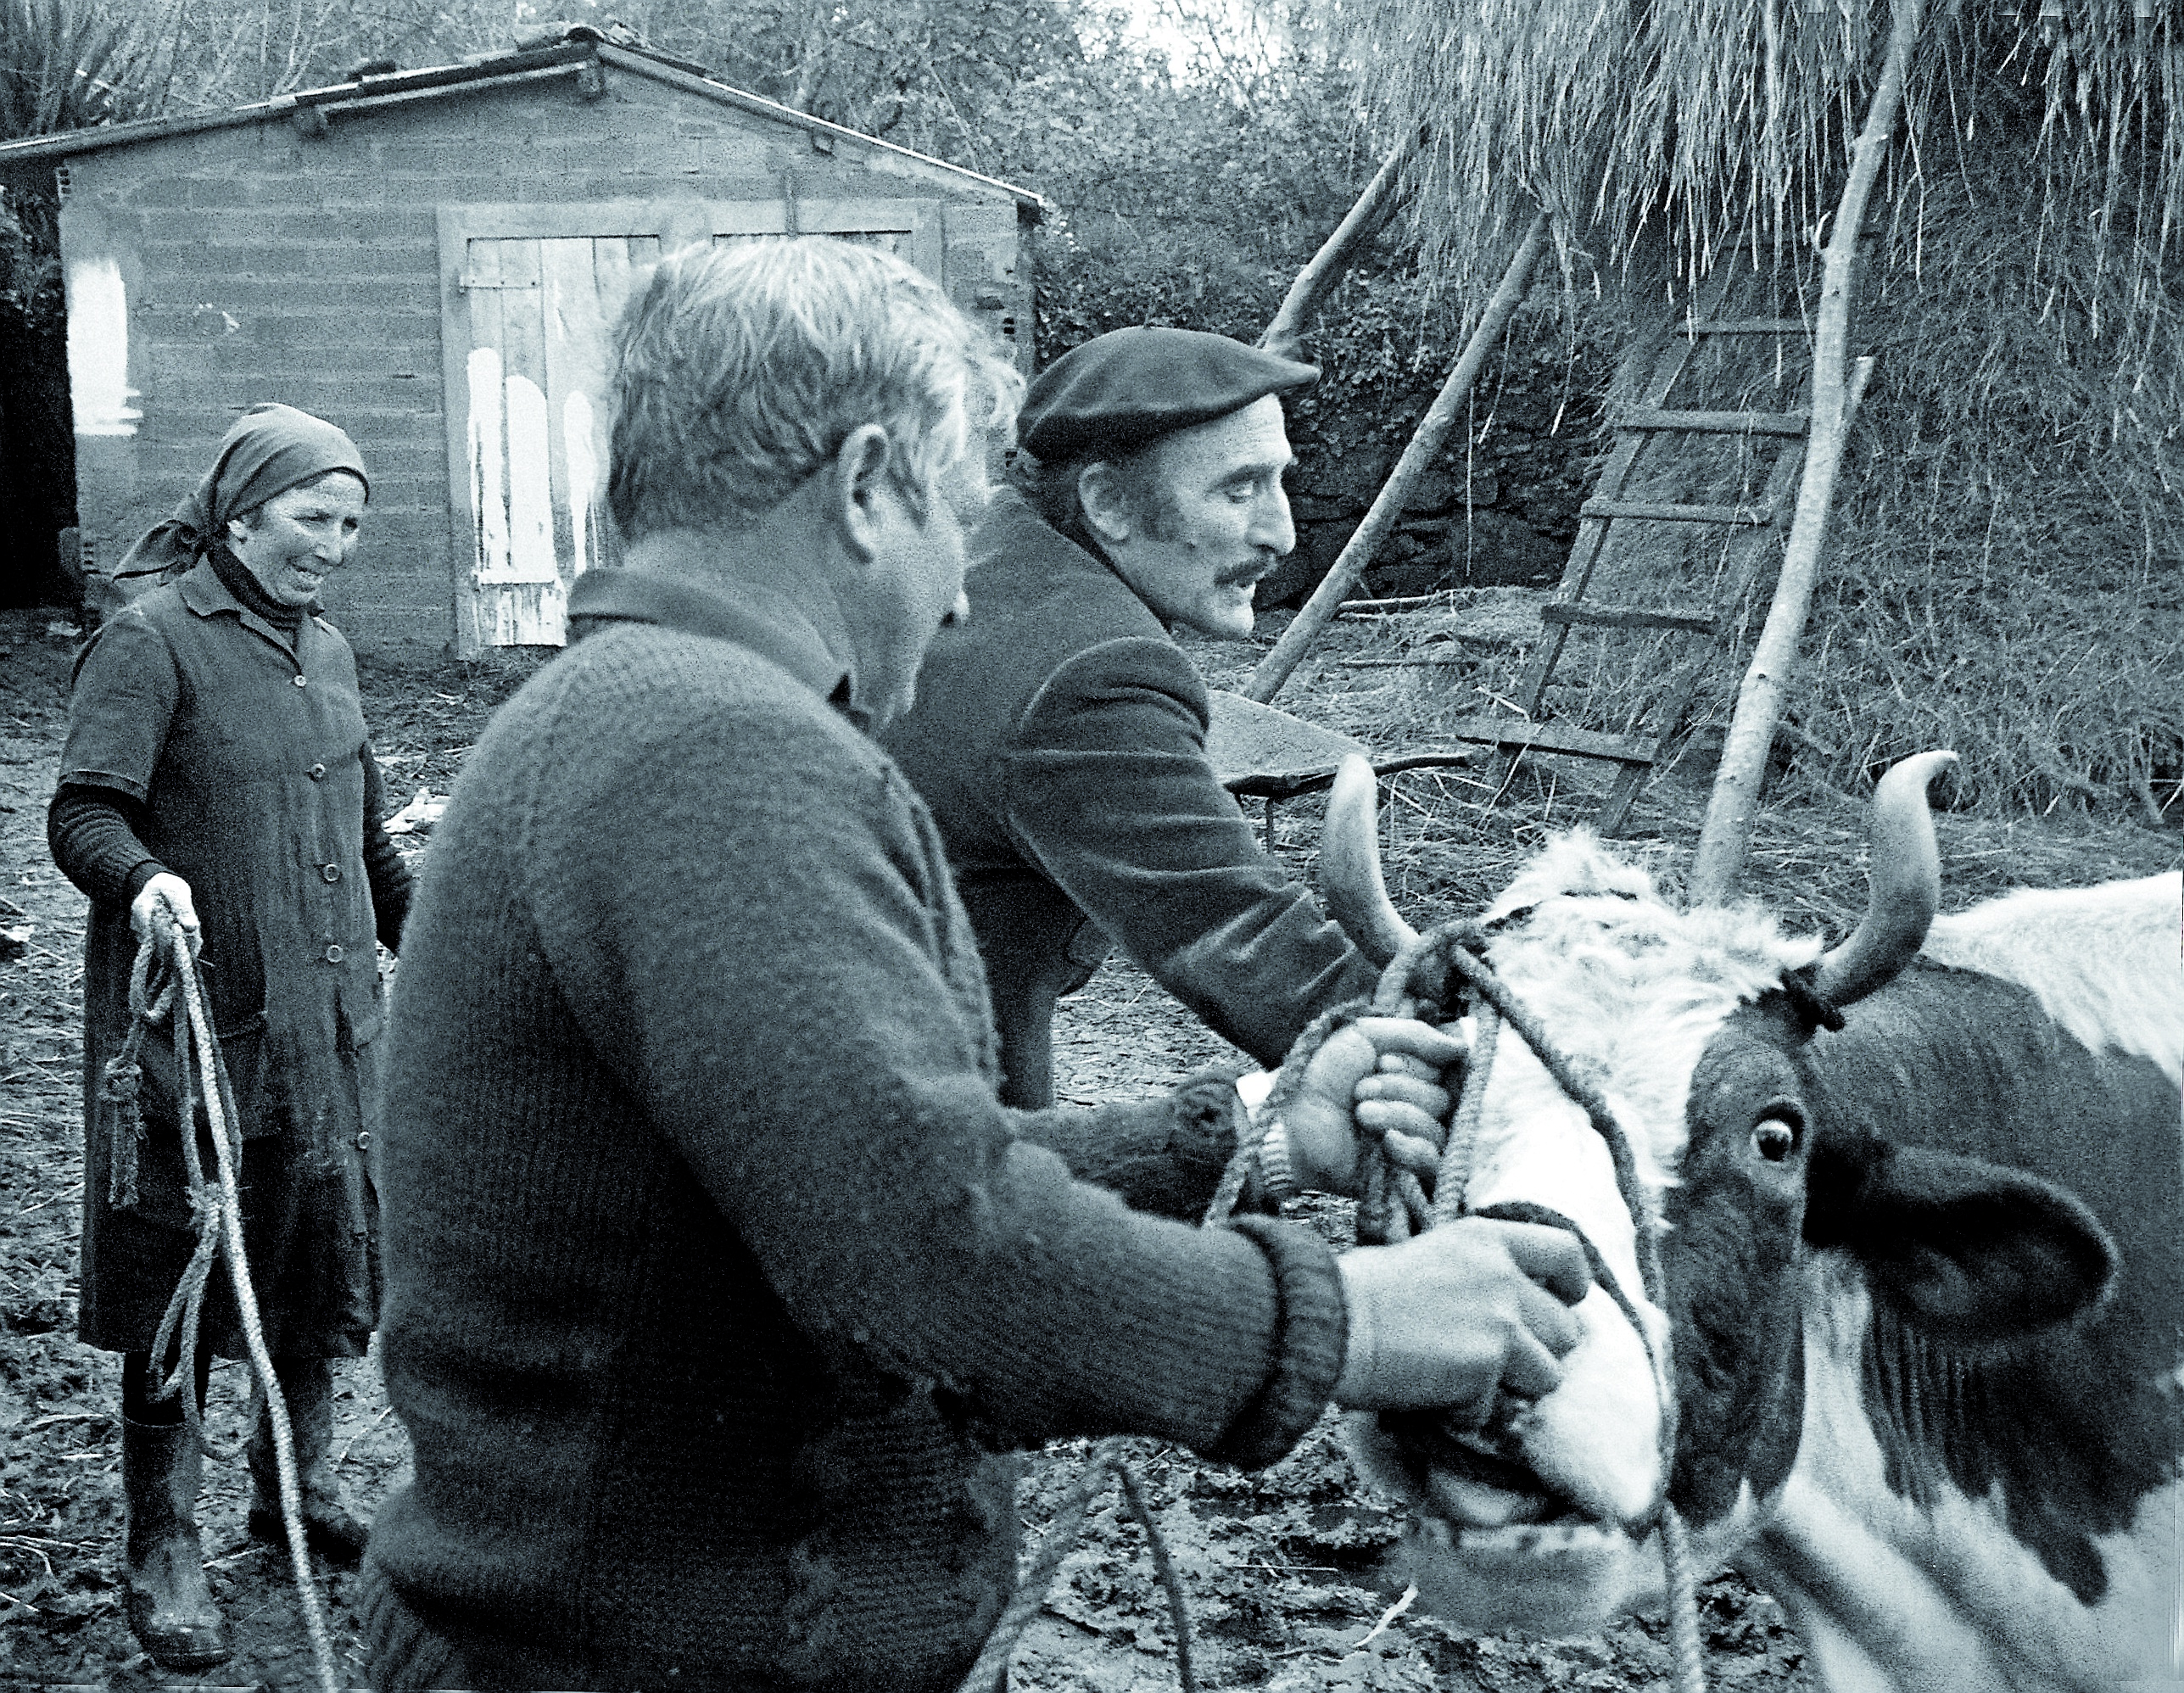 Don Atanasio, el veterinario municipal y padre de Chema Ríos, poniendo una inyección a una vaca. Fueron sus constantes visitas a las aldeas las que originaron la enigmática foto